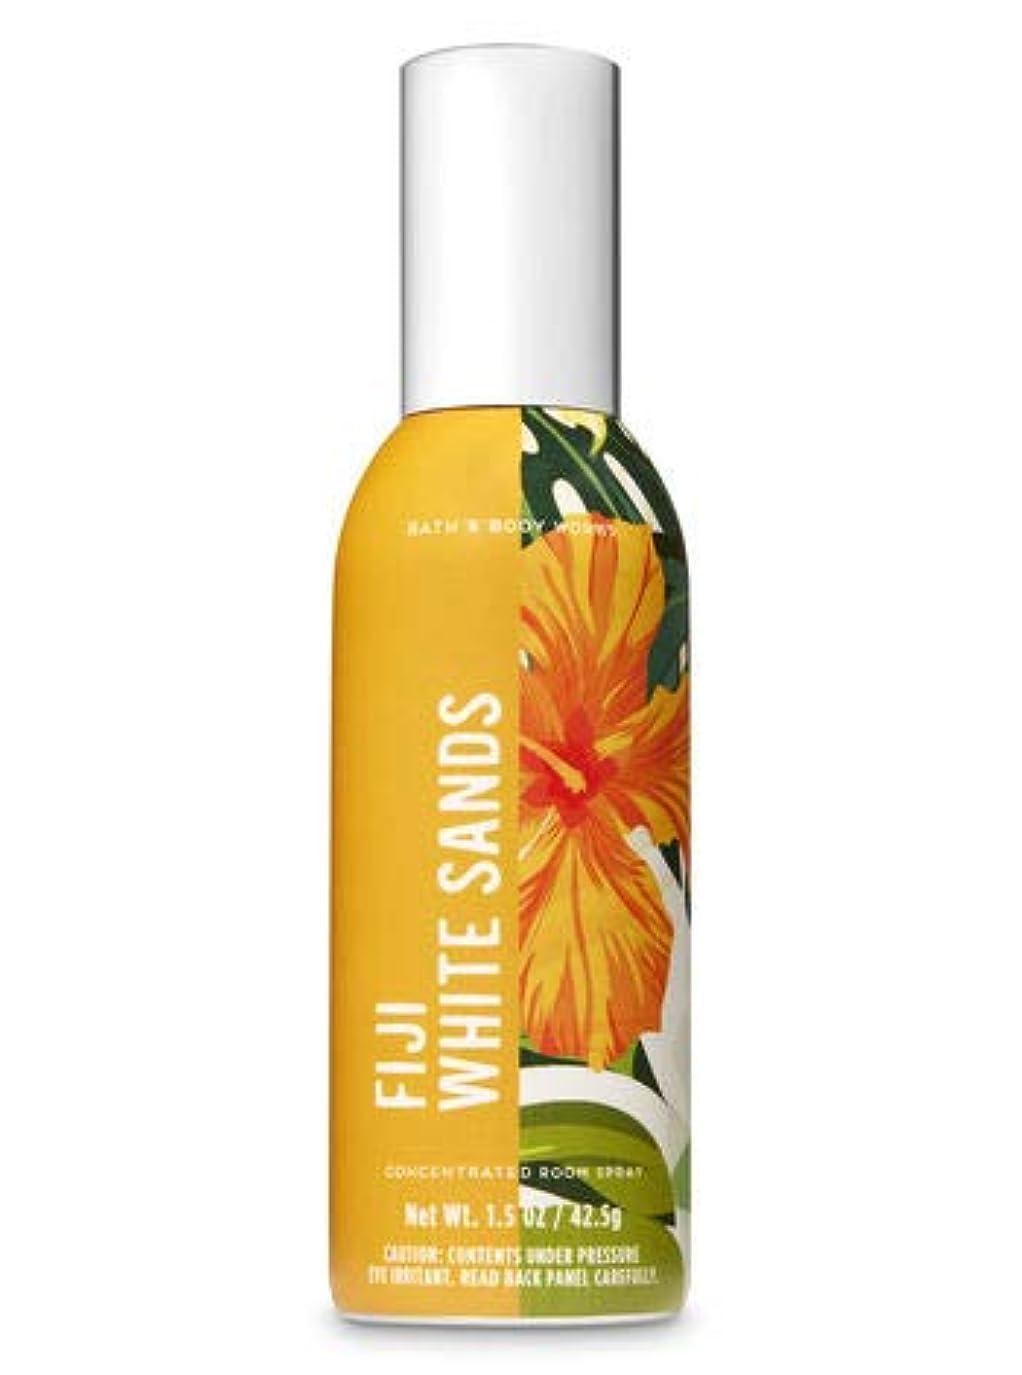 大量証人事業【Bath&Body Works/バス&ボディワークス】 ルームスプレー フィジーホワイトサンド 1.5 oz. Concentrated Room Spray/Room Perfume Fiji White Sands [並行輸入品]